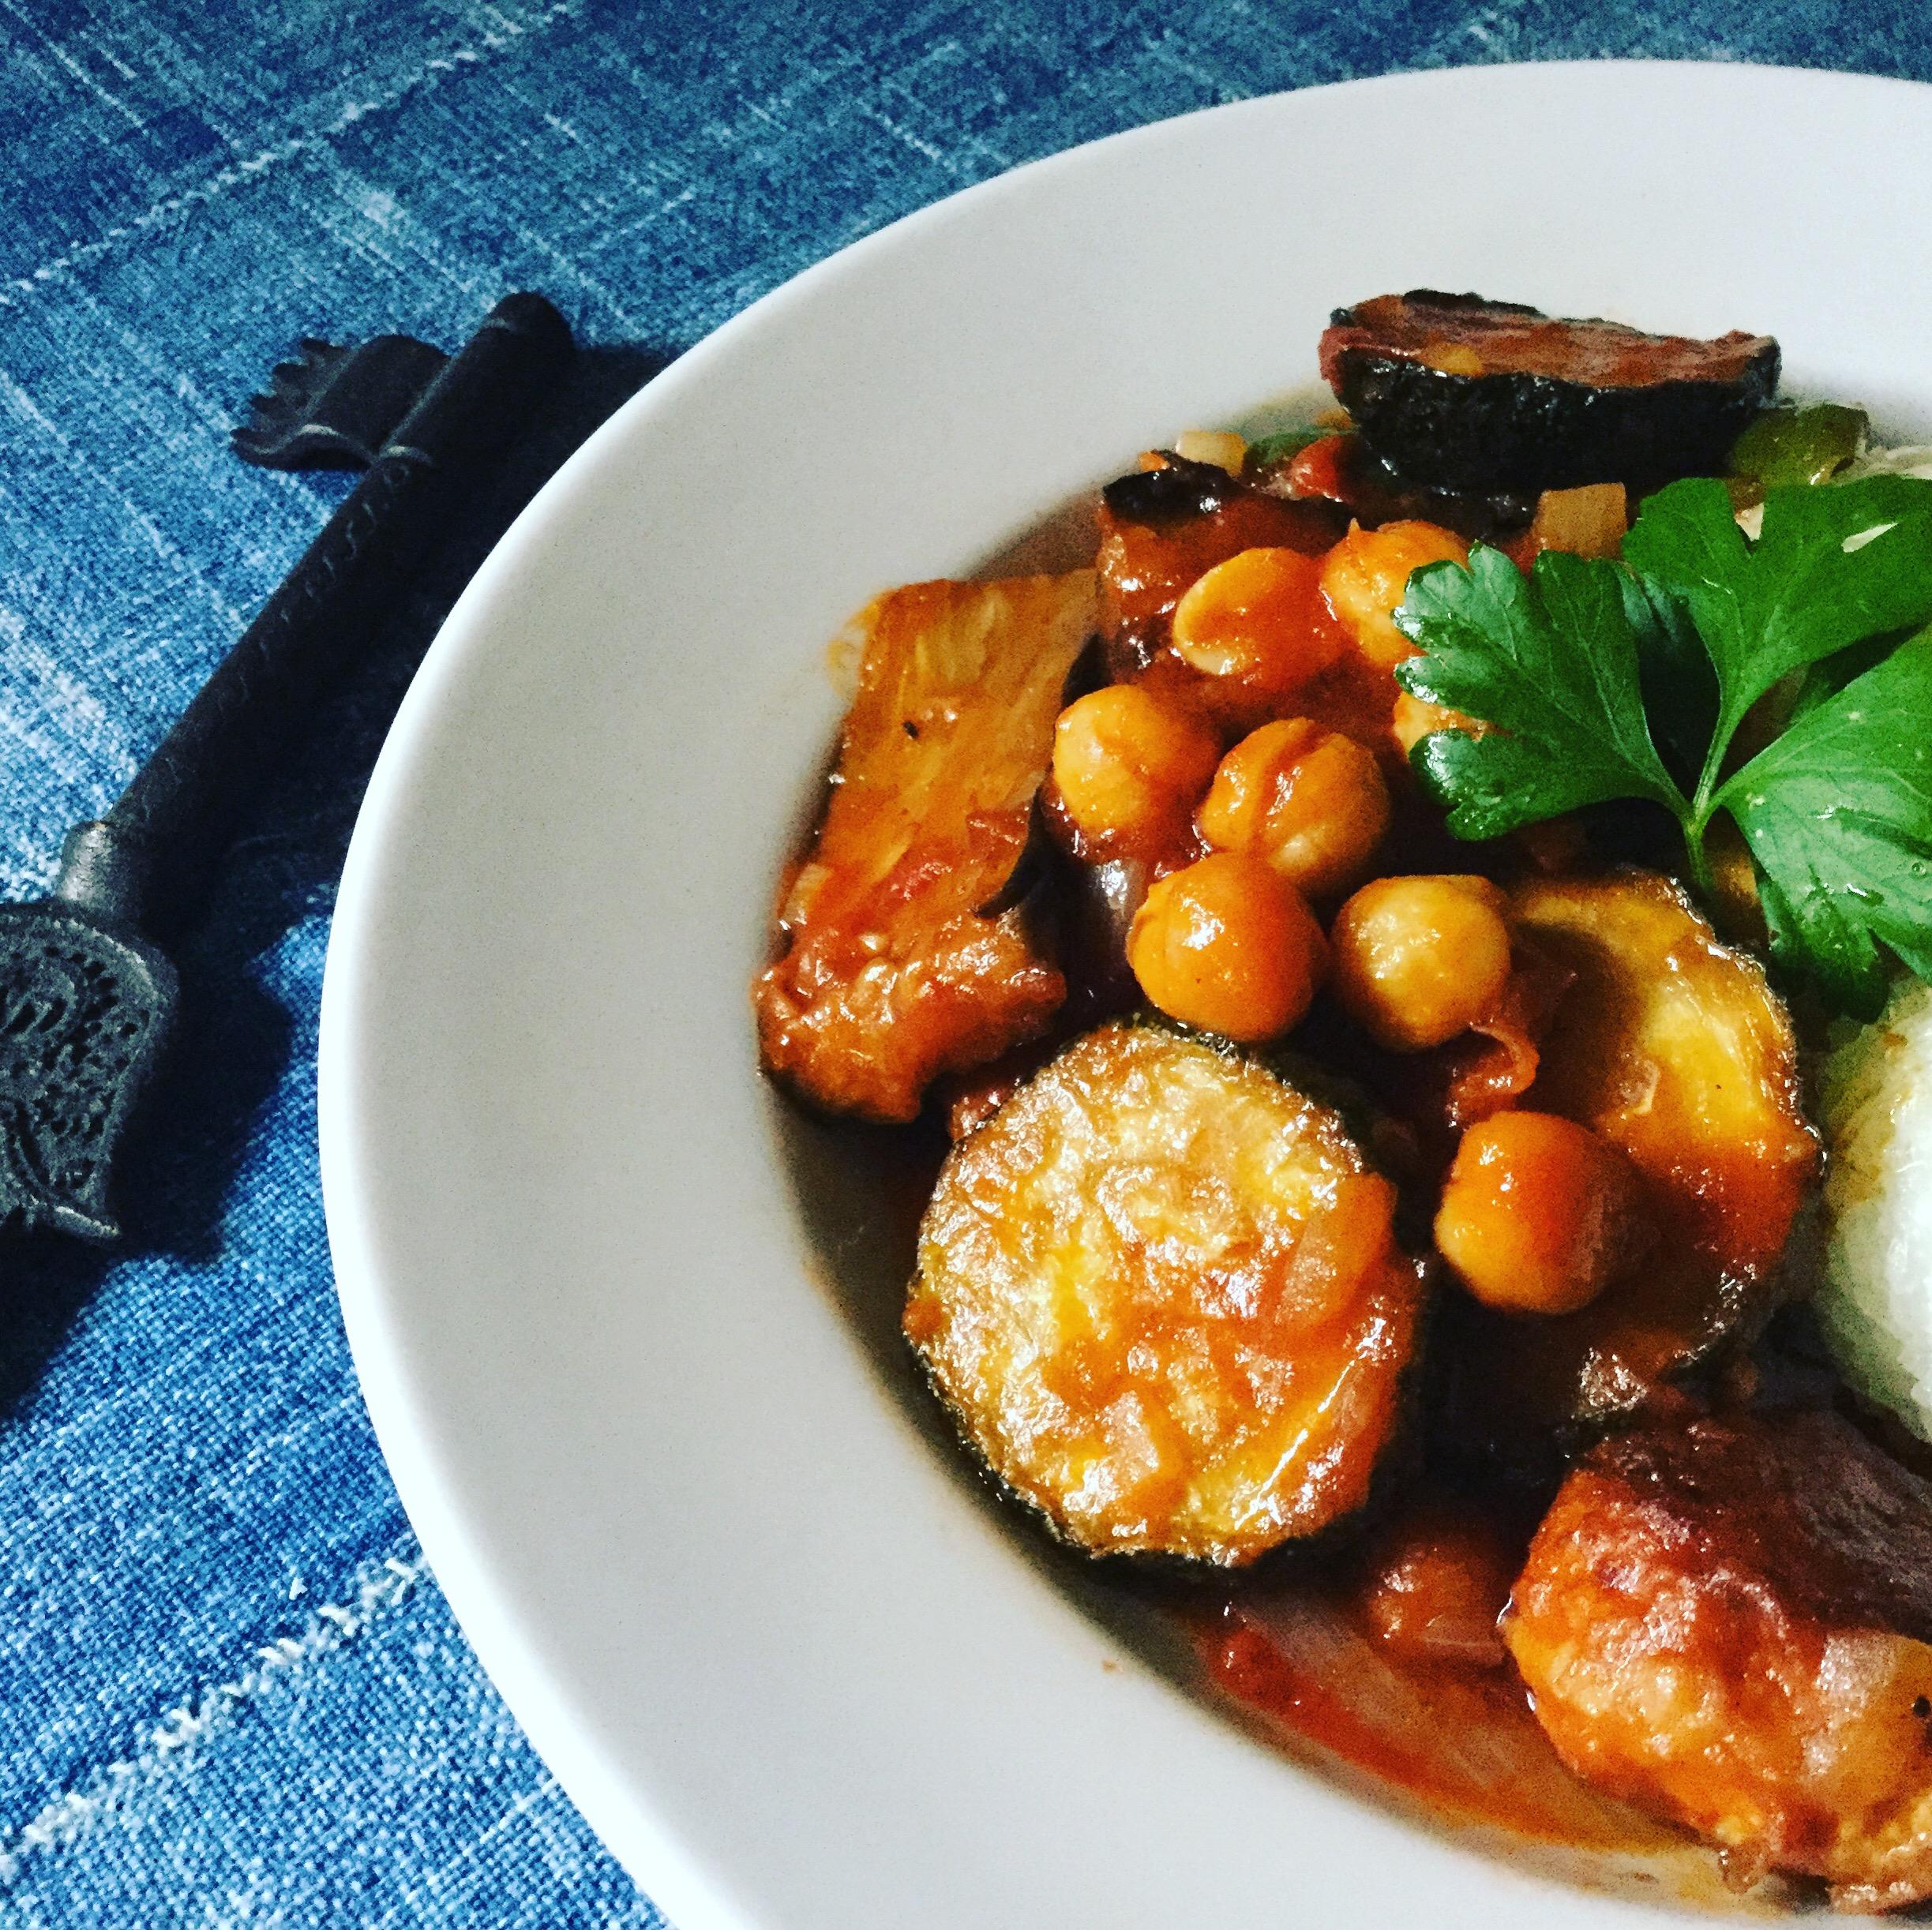 スパイスで夏野菜の美味しさを最大限に引き出す方法は?